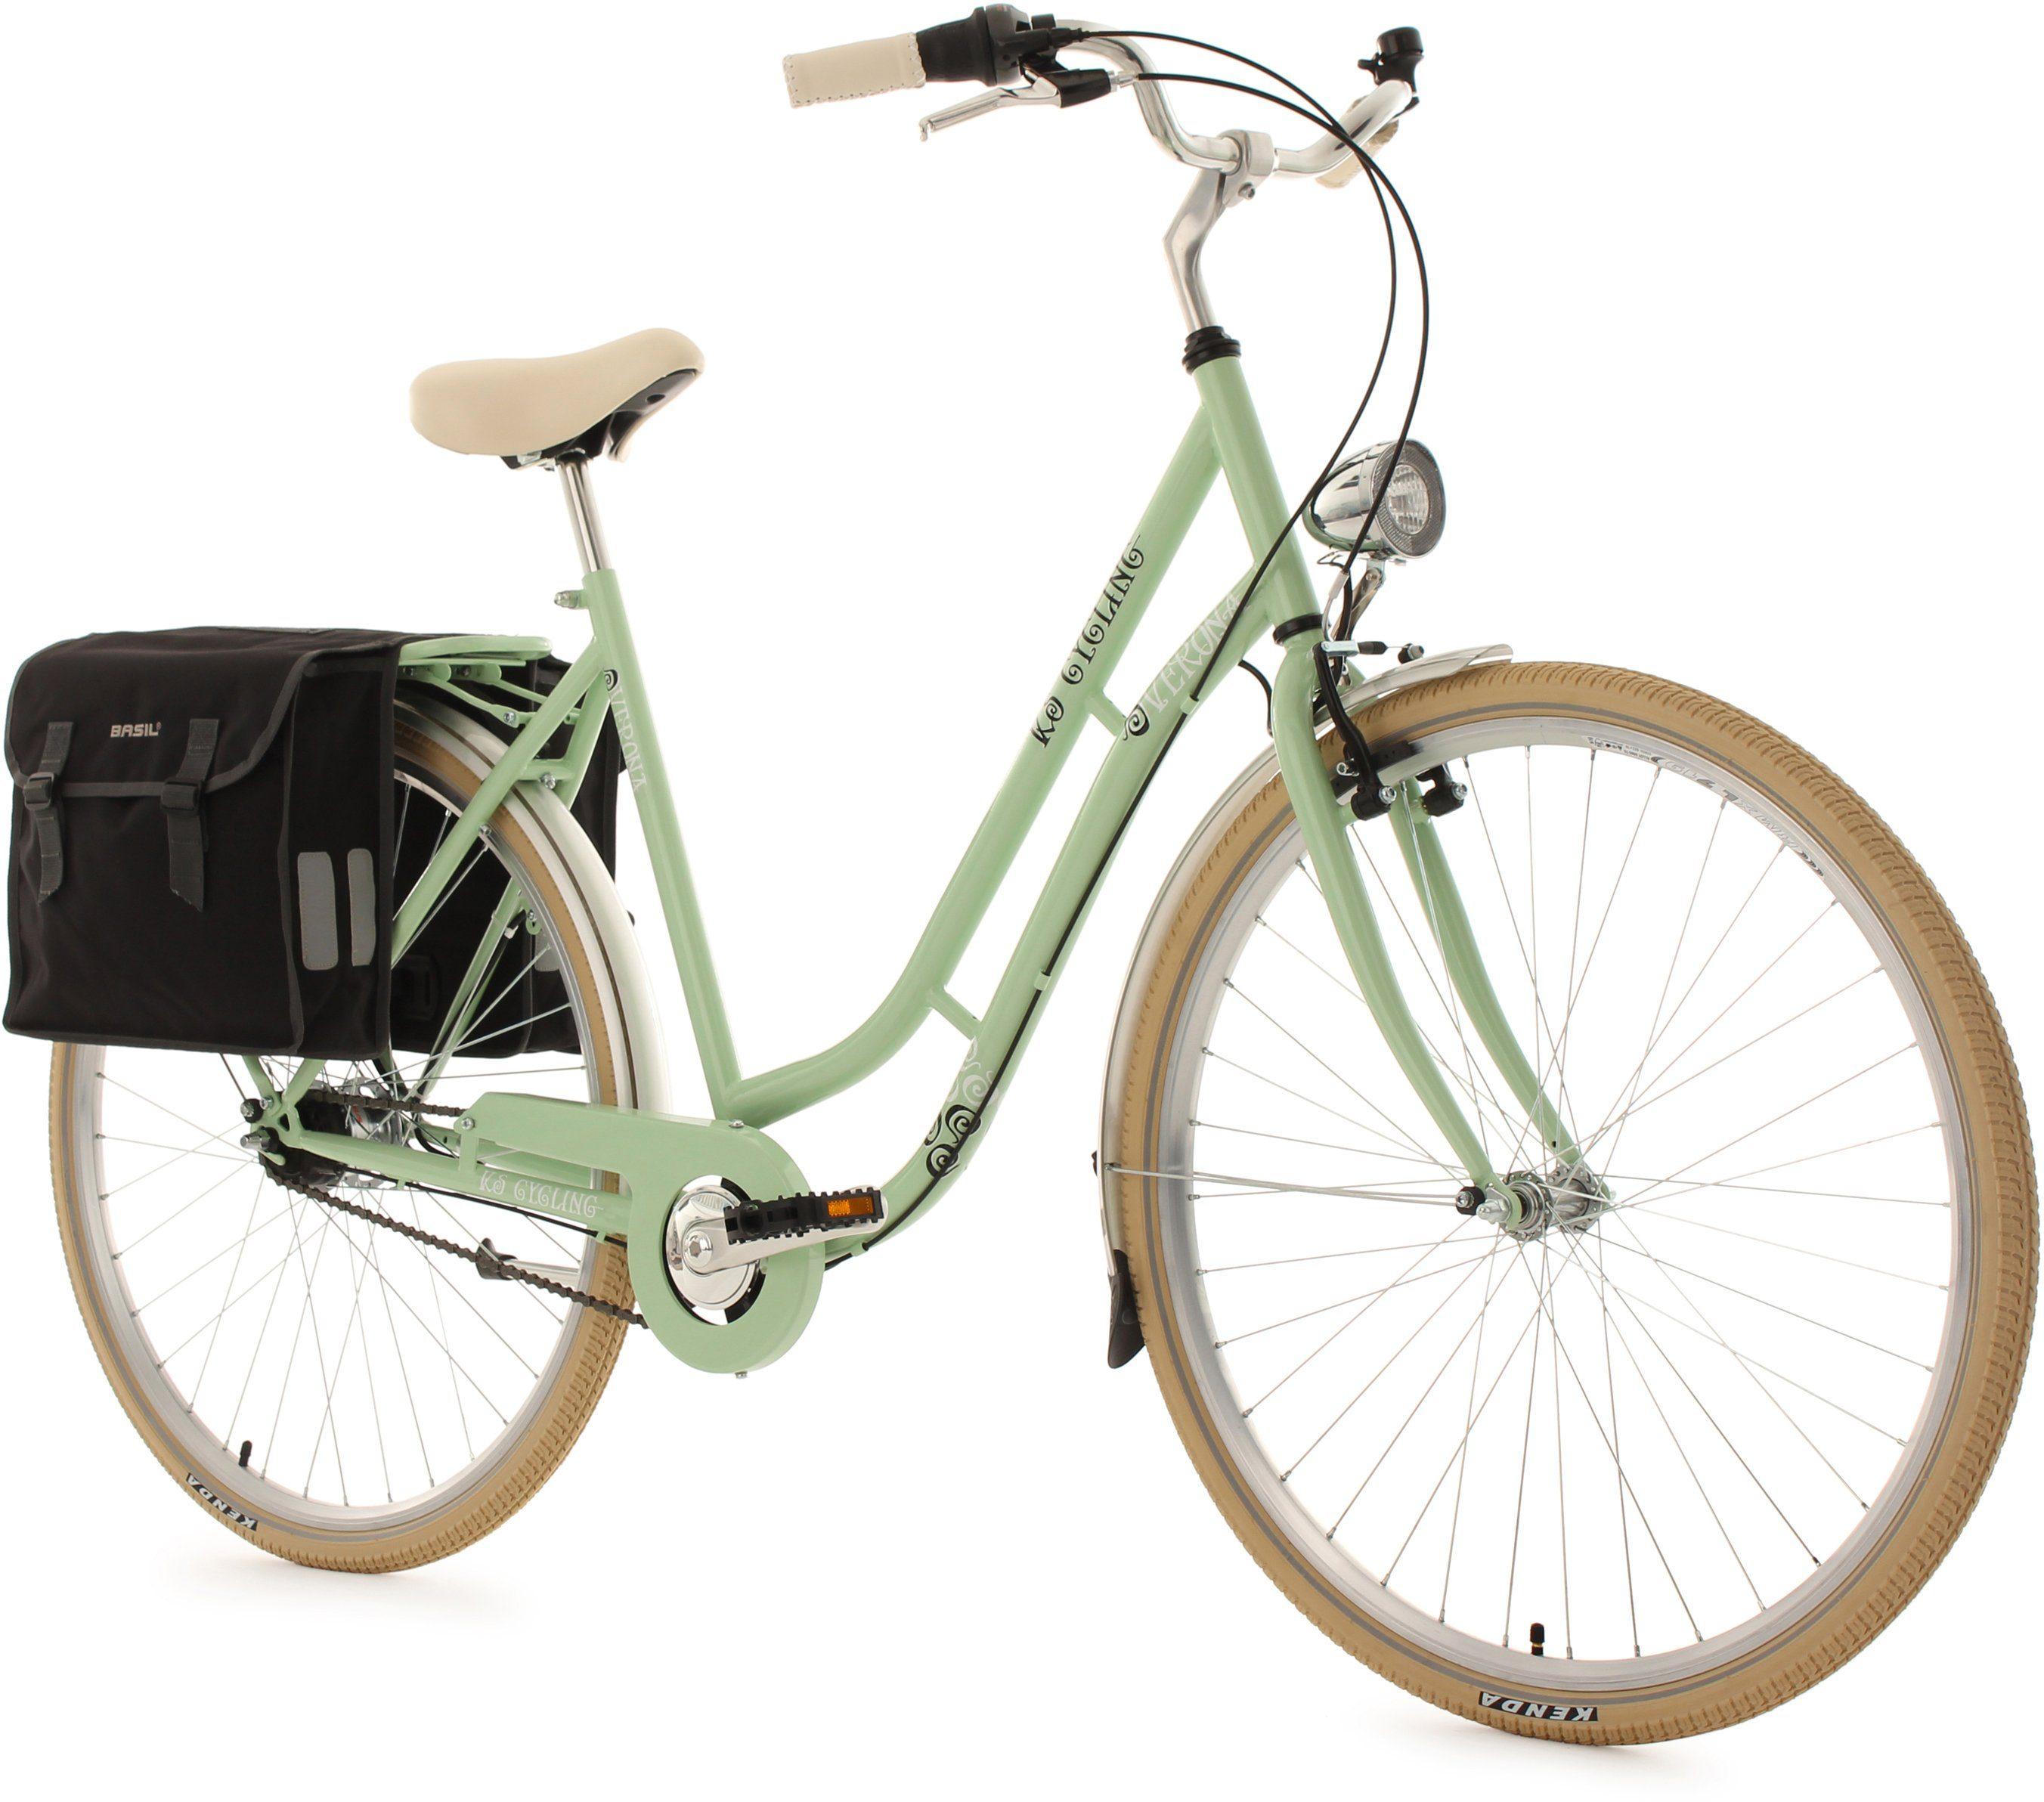 KS Cycling Damen-Cityrad, 28 Zoll, grün, 7 Gang Shimano Nexus, inkl. Doppelpacktasche, »Verona«